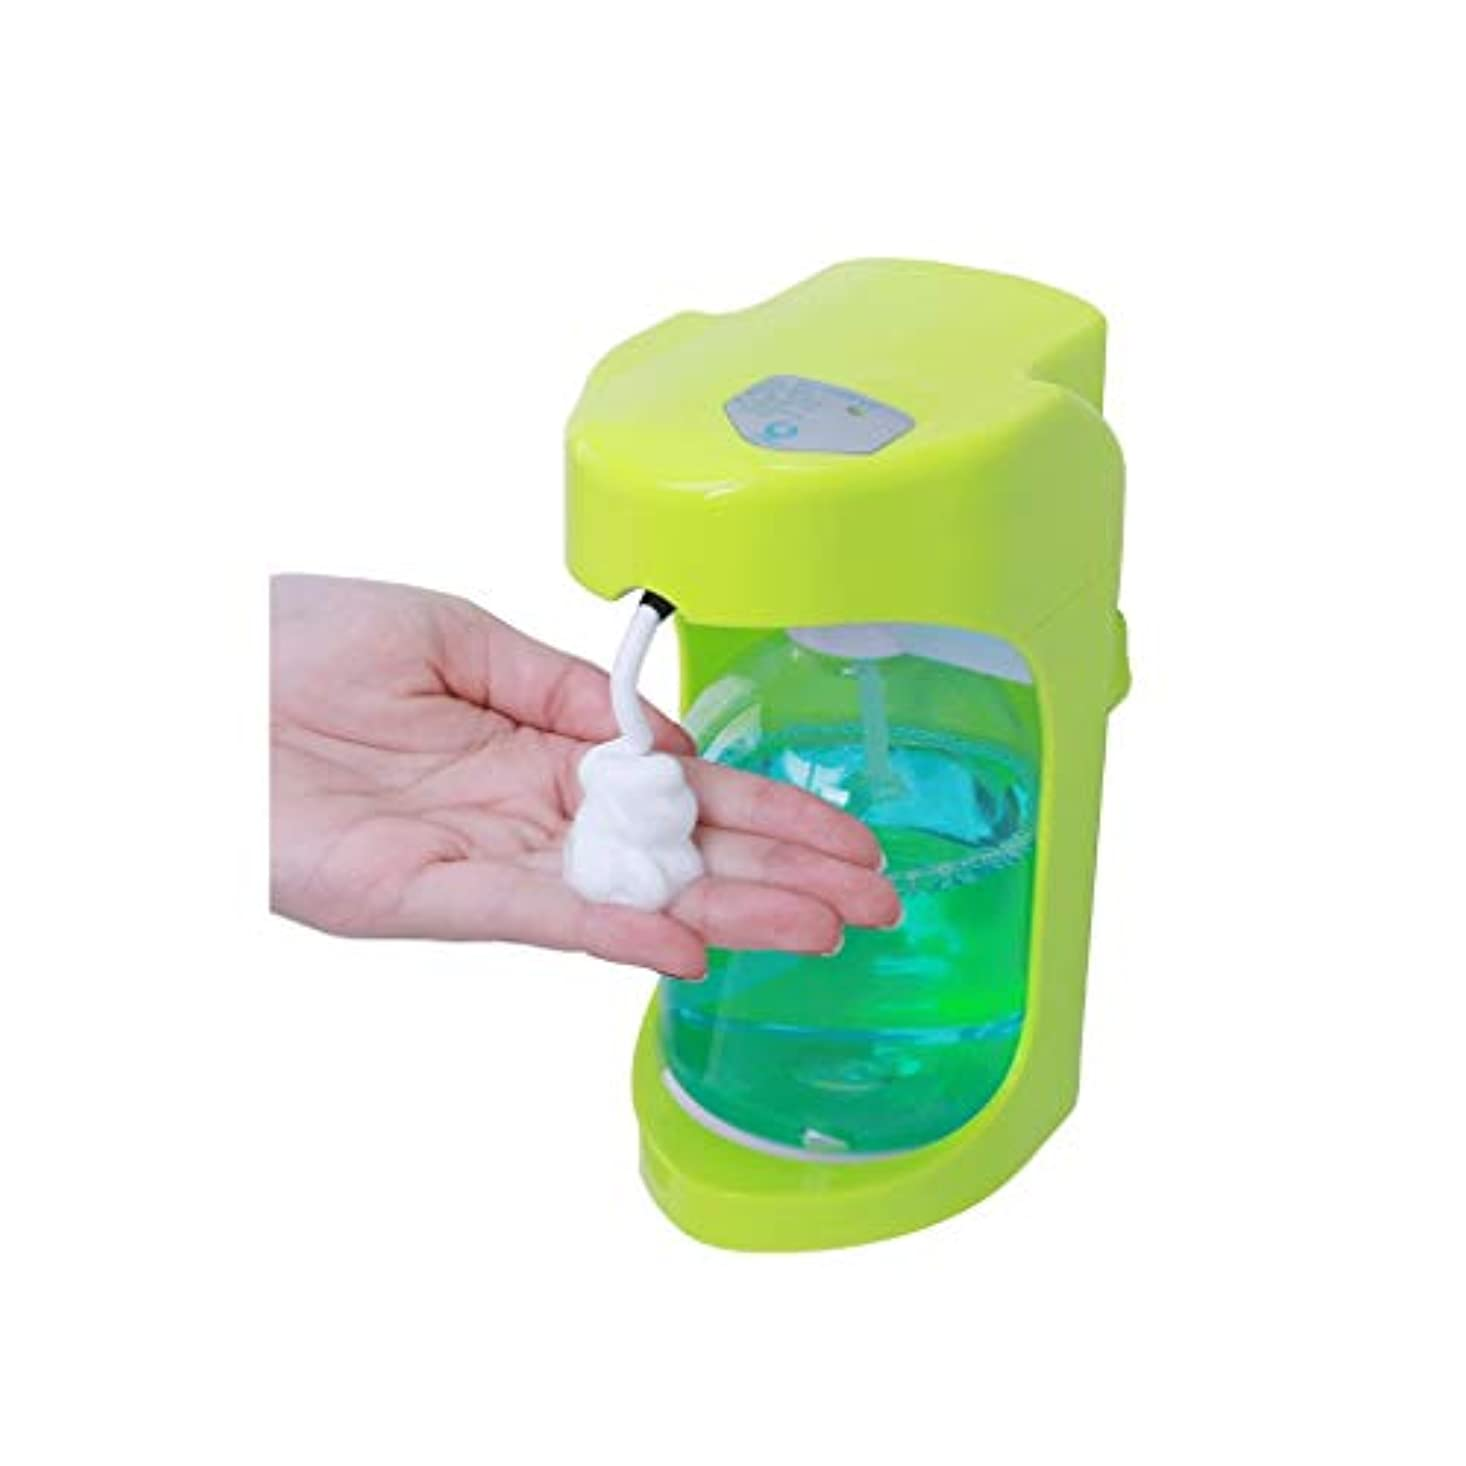 まさにアデレード洗練せっけん ソープディスペンサー自動ソープディスペンサー赤外線モーションセンサーリキッドハンズフリー自動ハンドサニタイザーディスペンサー 緑